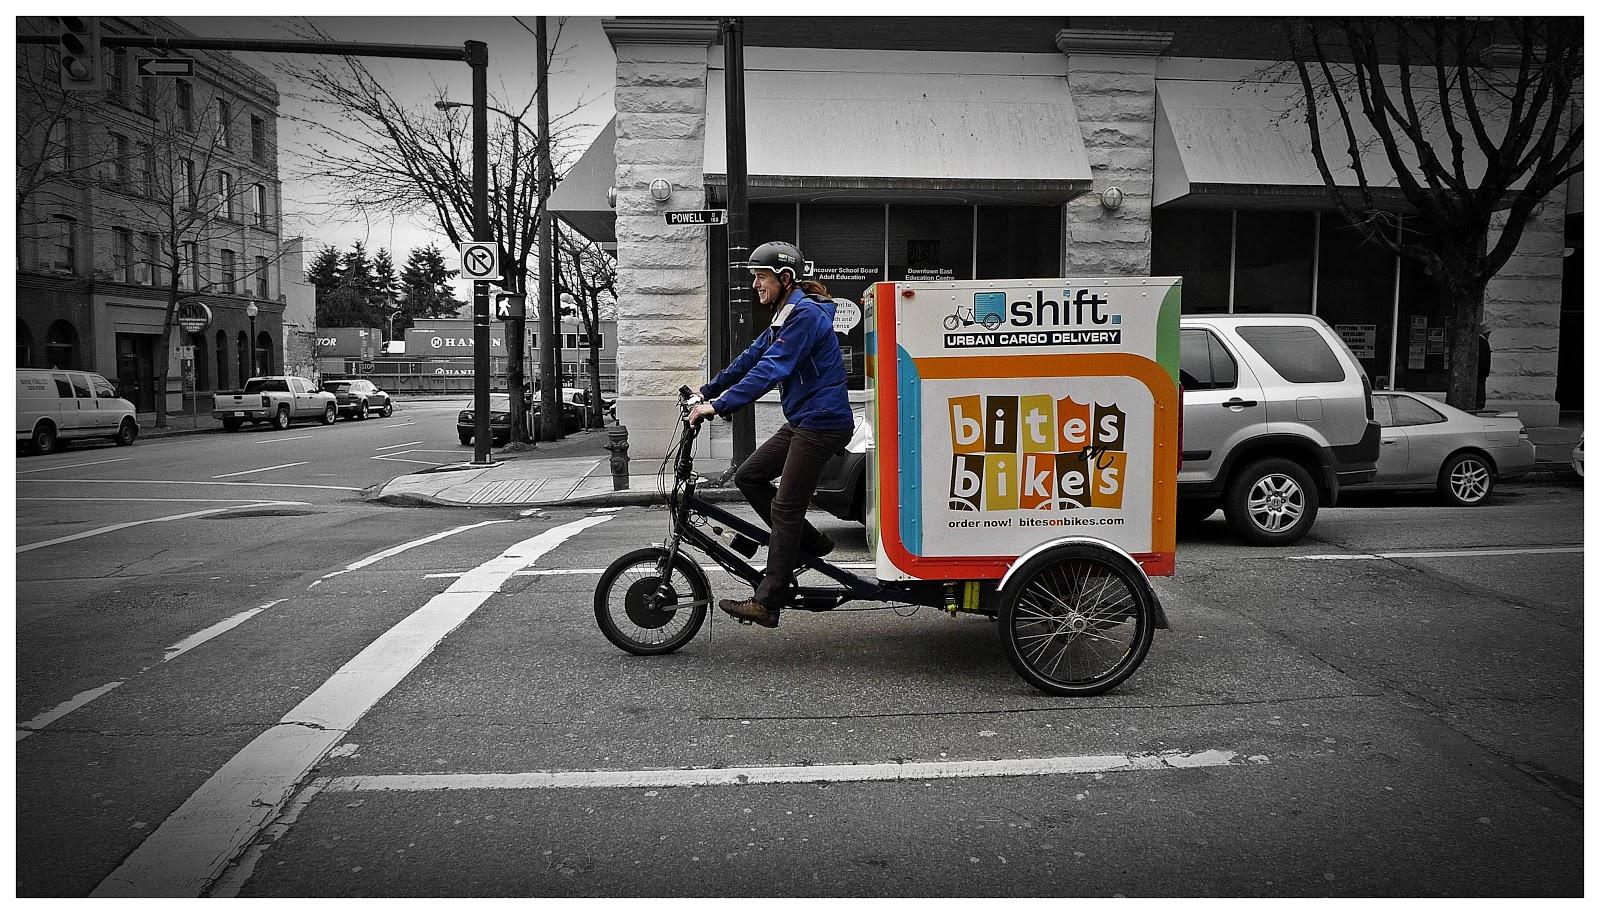 bigheadtaco com: Dream Job= Shift Urban Cargo Delivery